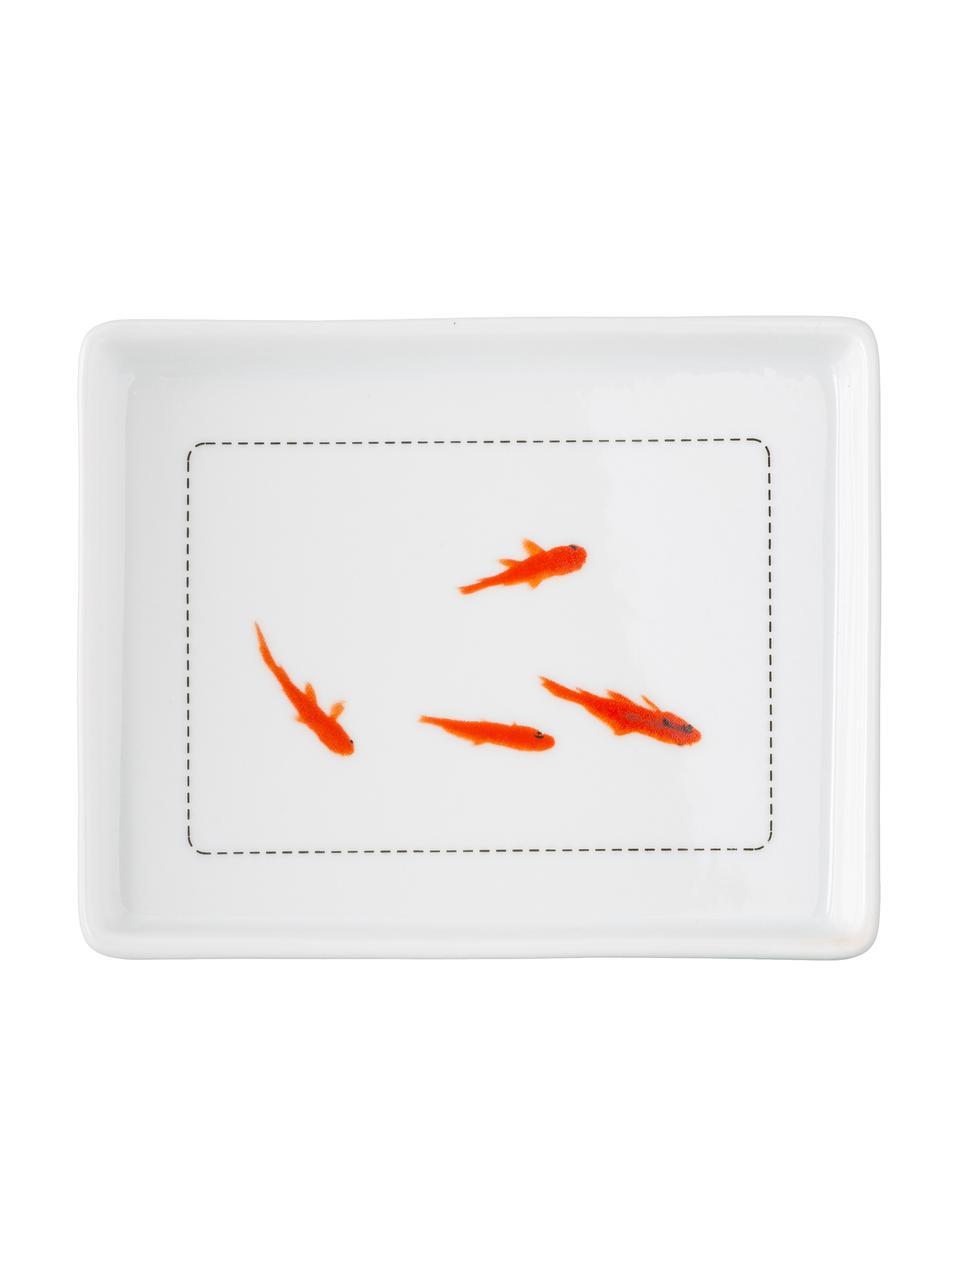 Butterdose Fische mit Prägung und Goldfische auf der Unterseite, Porzellan, Deckel: WeißUntersetzer:Weiß, Orange, Schwarz, 14 x 6 cm